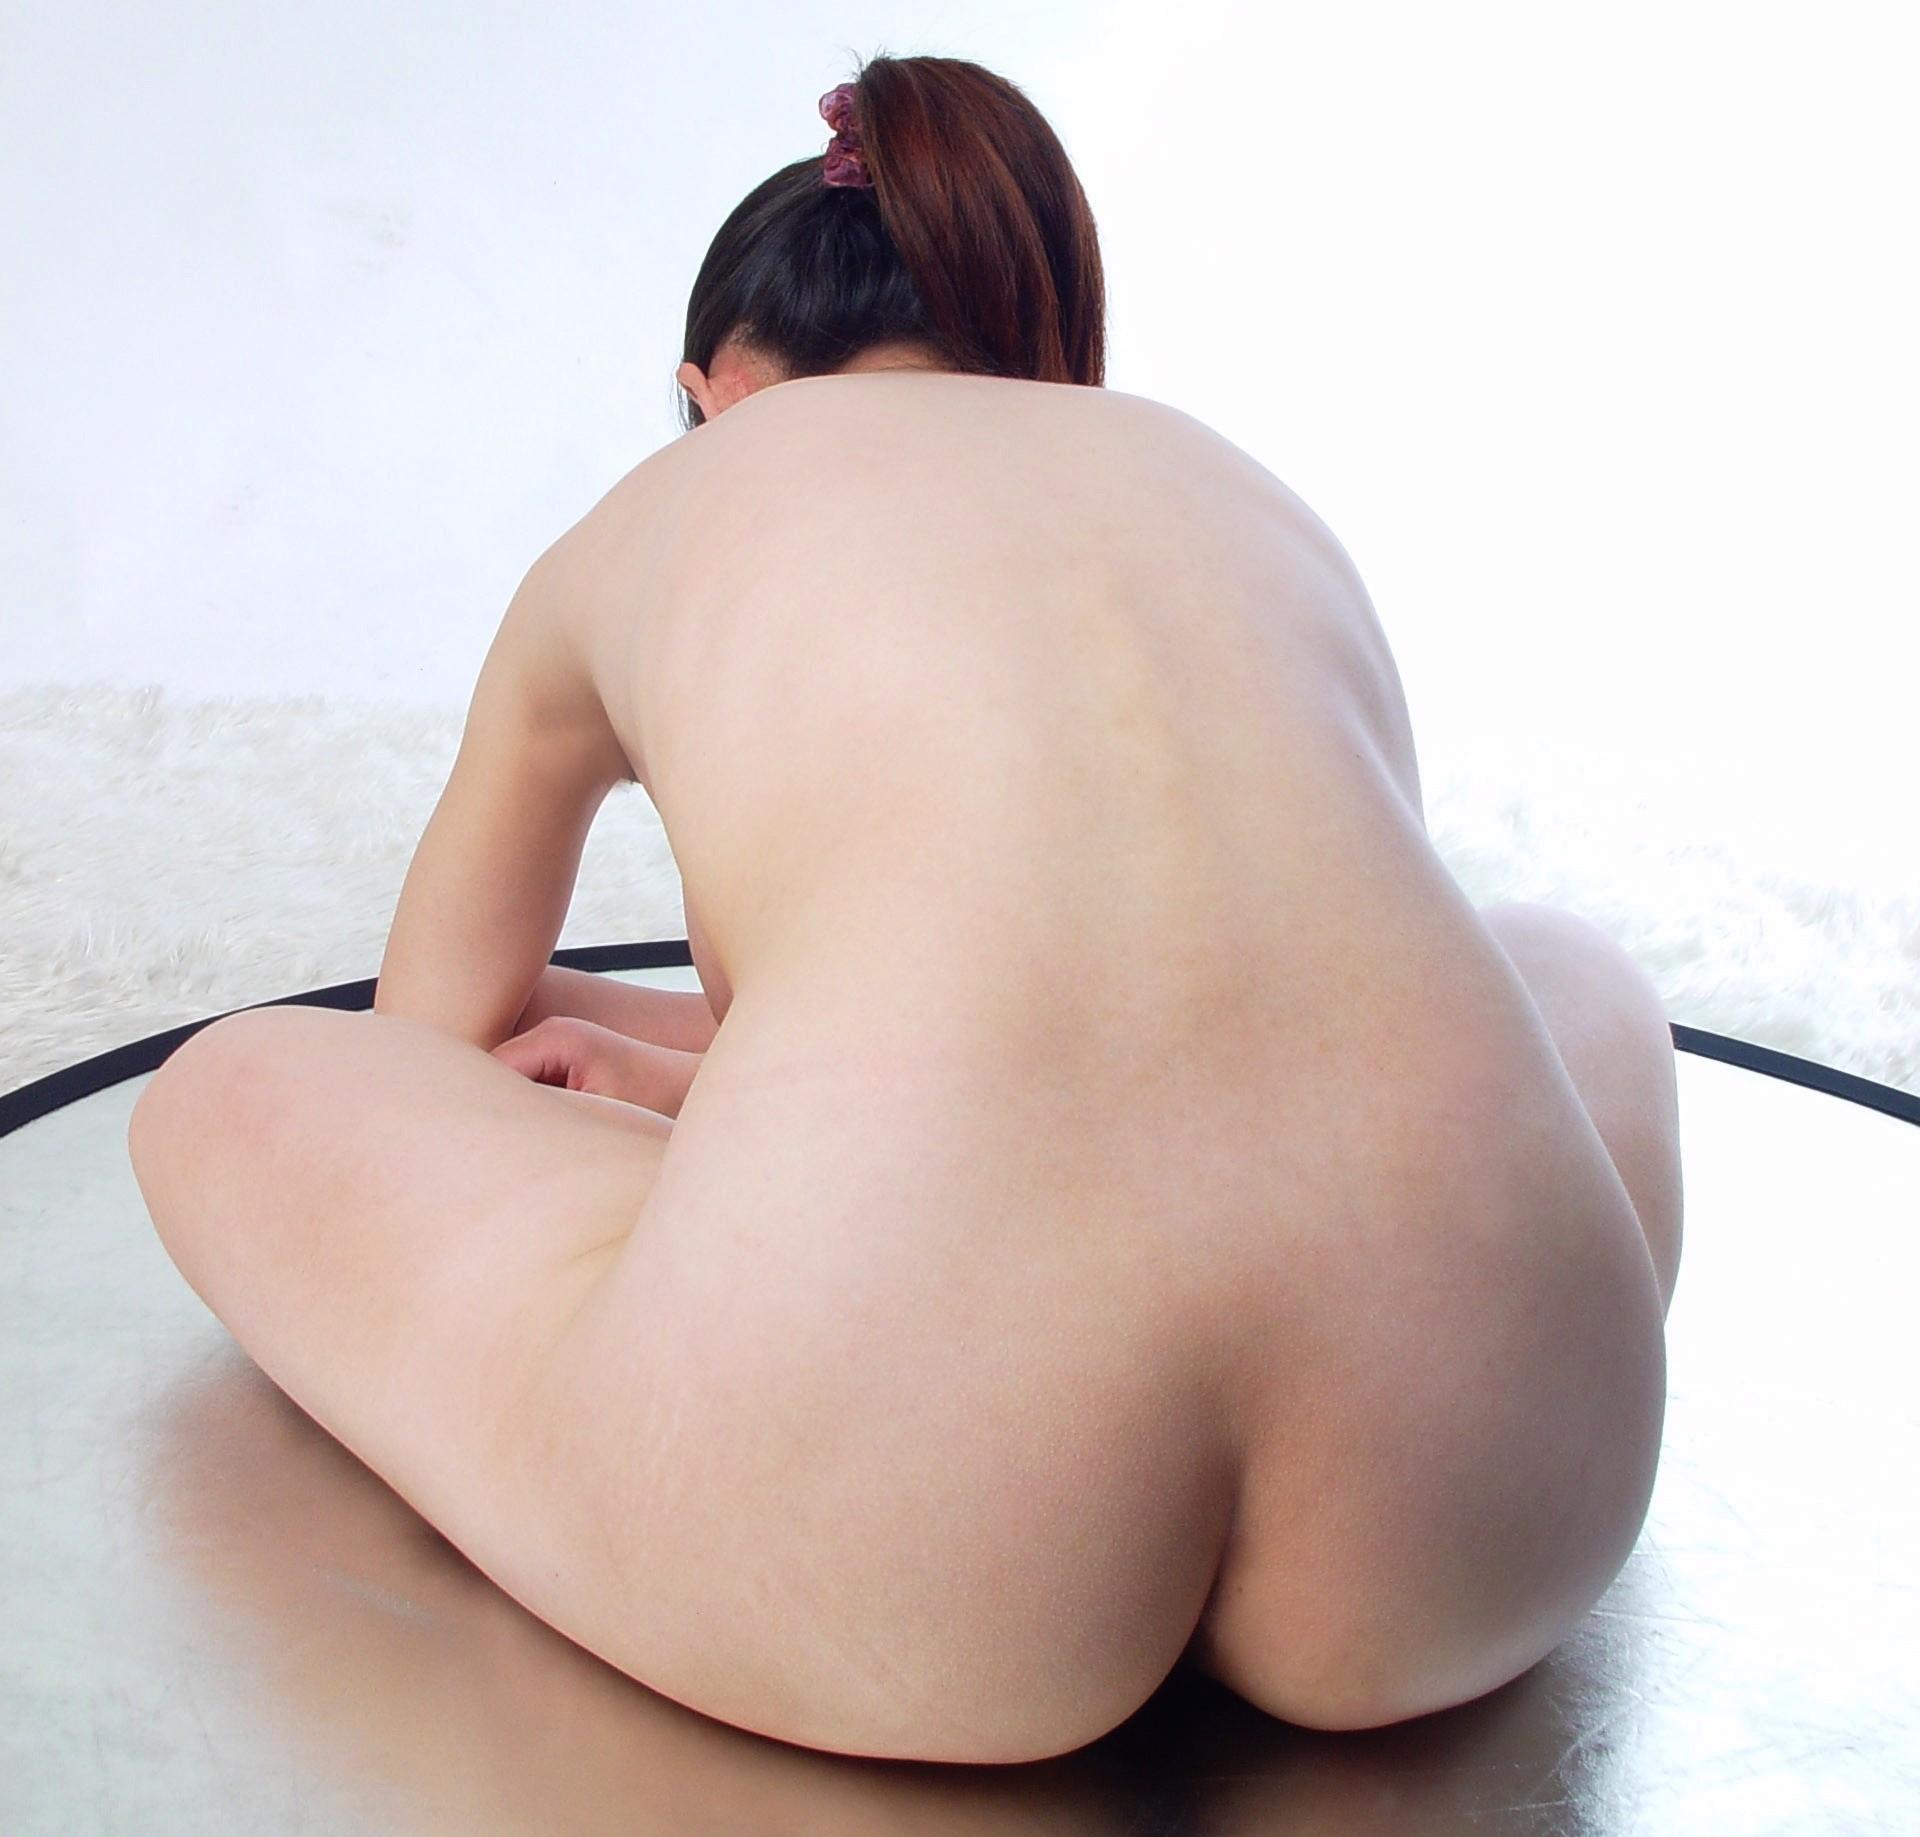 【背中フェチエロ画像】うなじから下まで舐め回したい…少し見える乳もたまらん女体の後ろwww 15